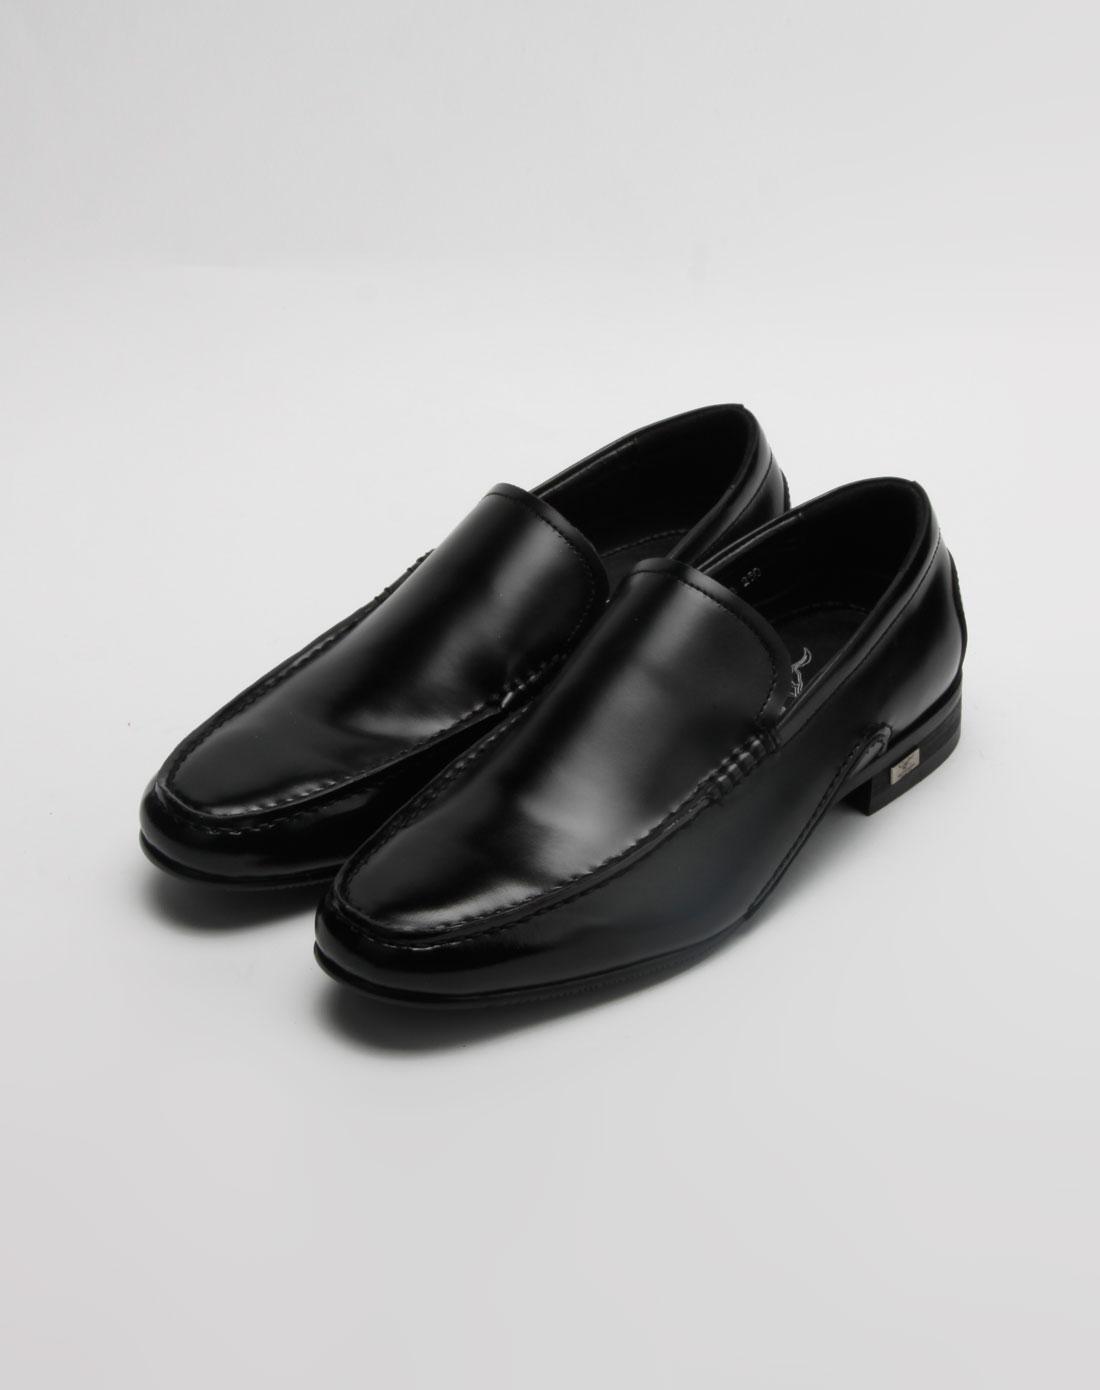 黑色简约正装皮鞋